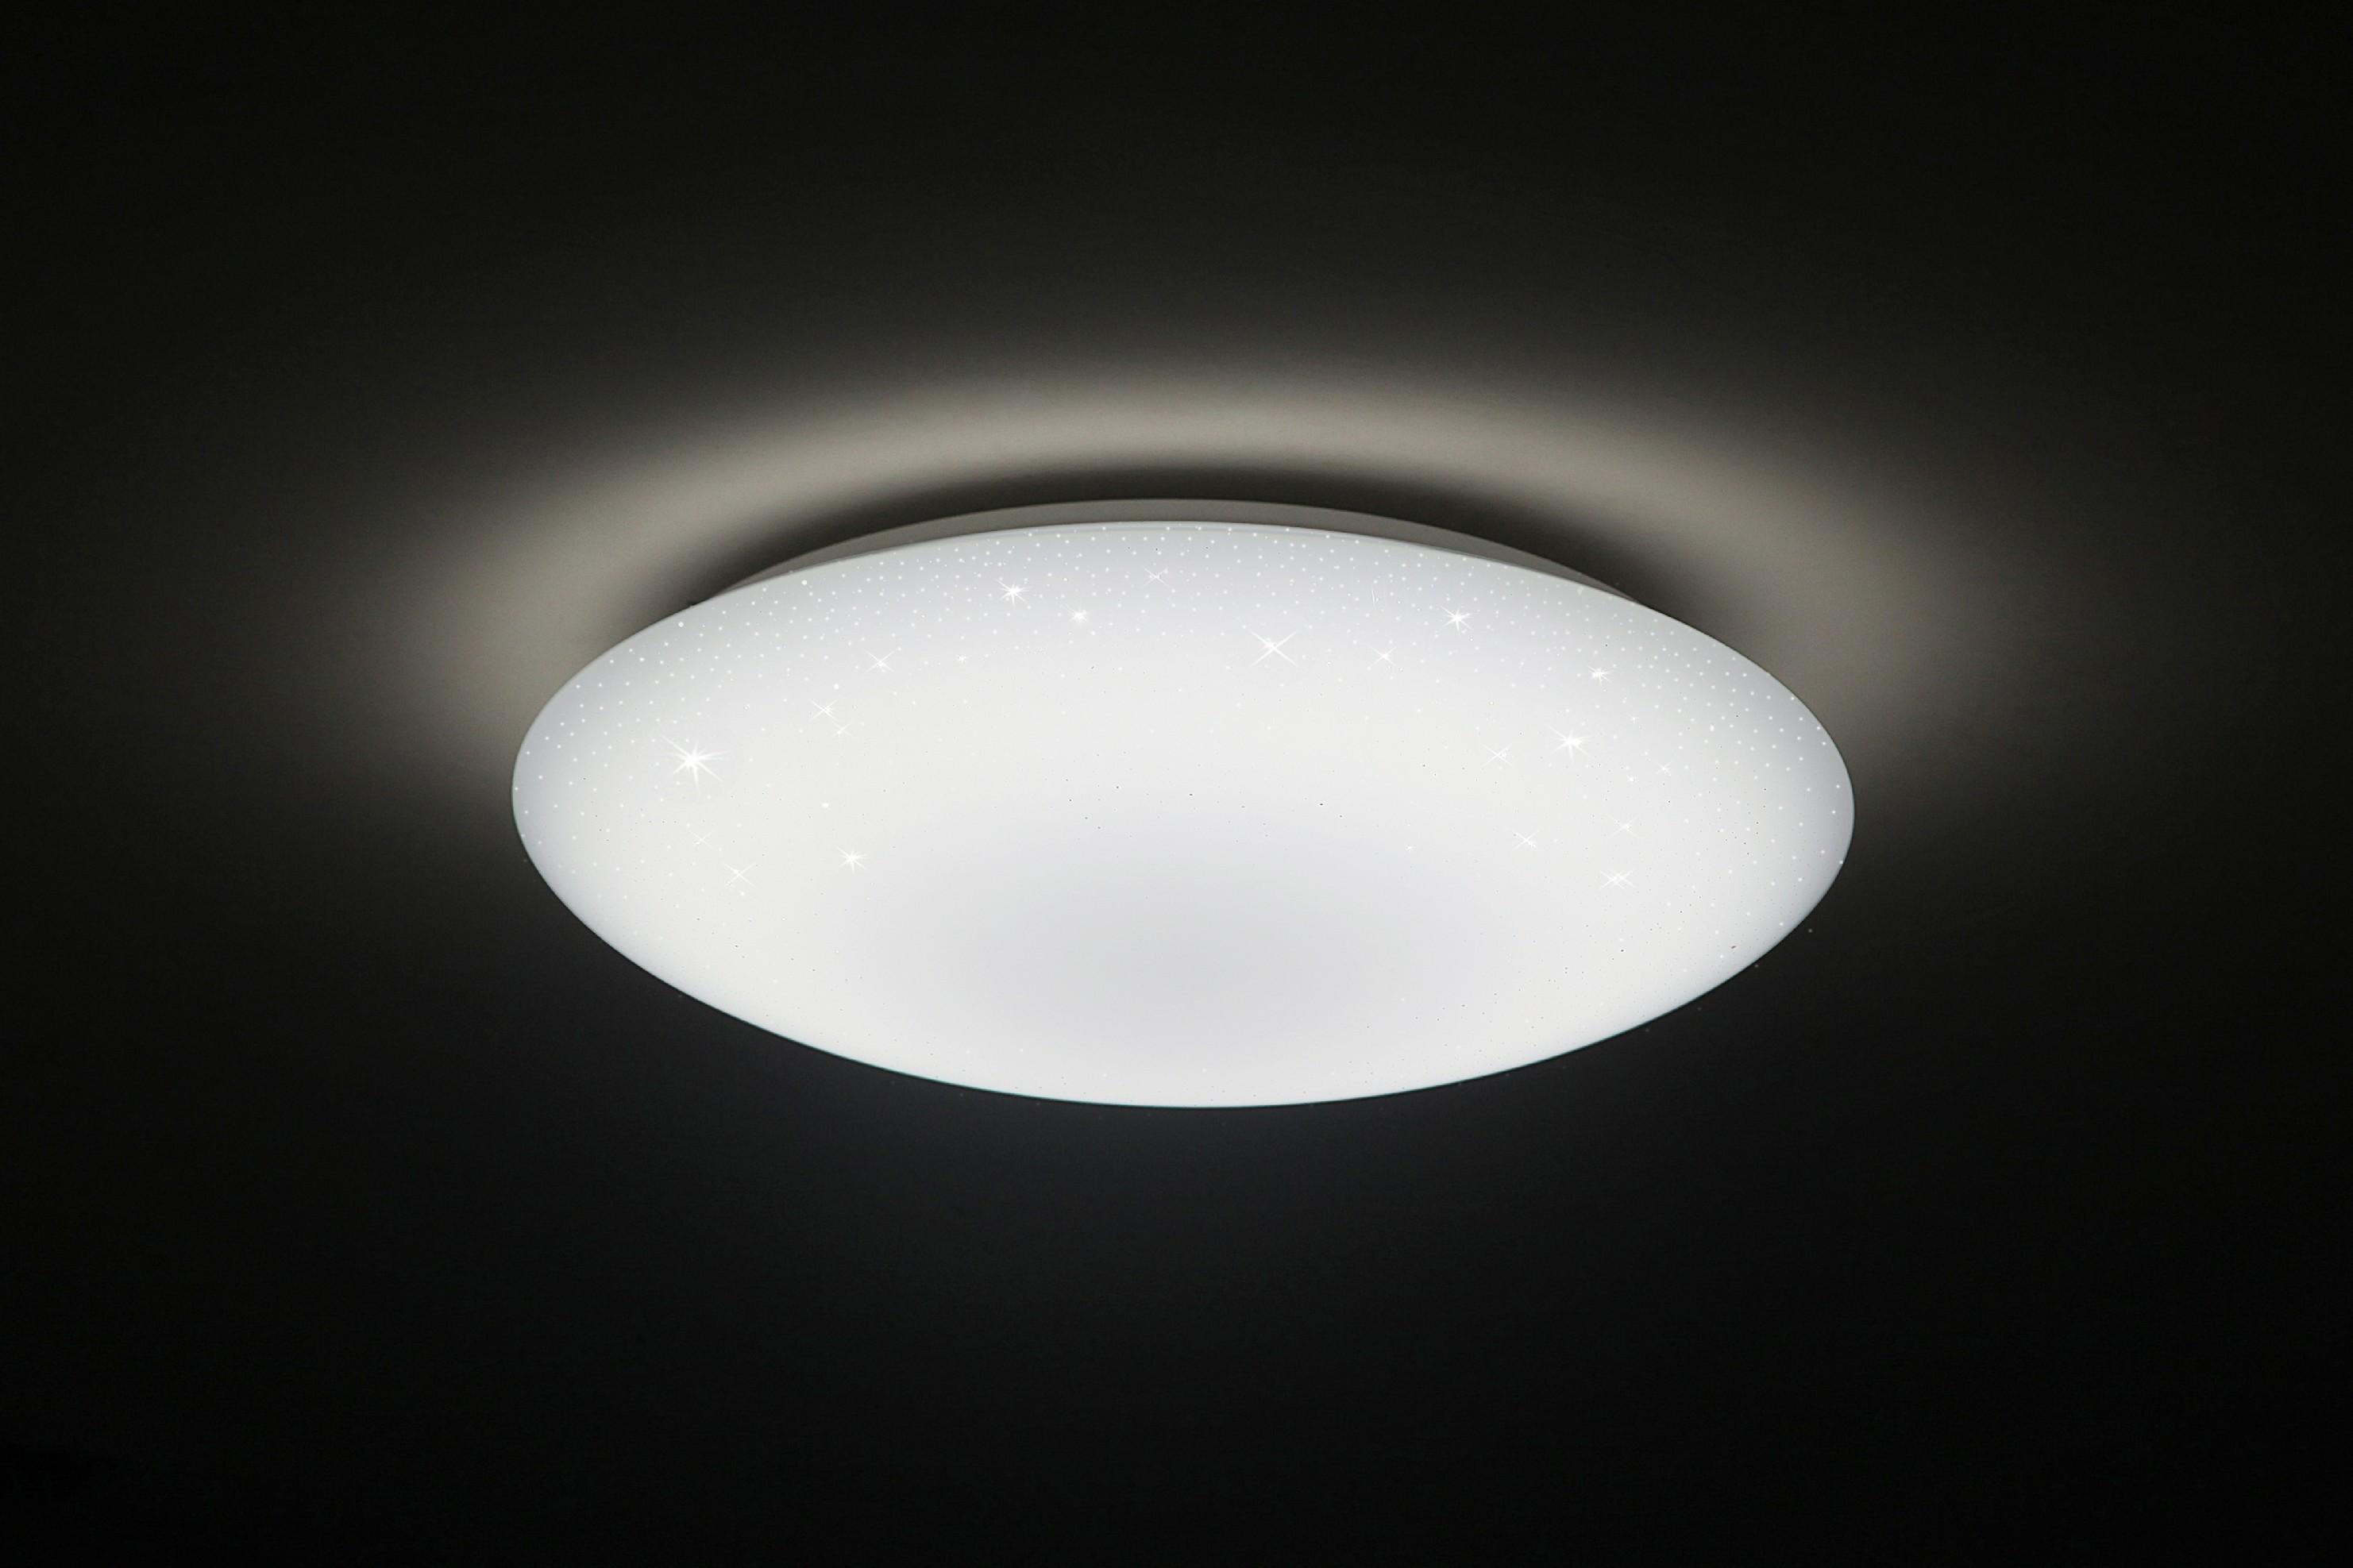 Inteligentní ECO LED svítidlo - Dalen DL-C408TX - Hvězdné nebe